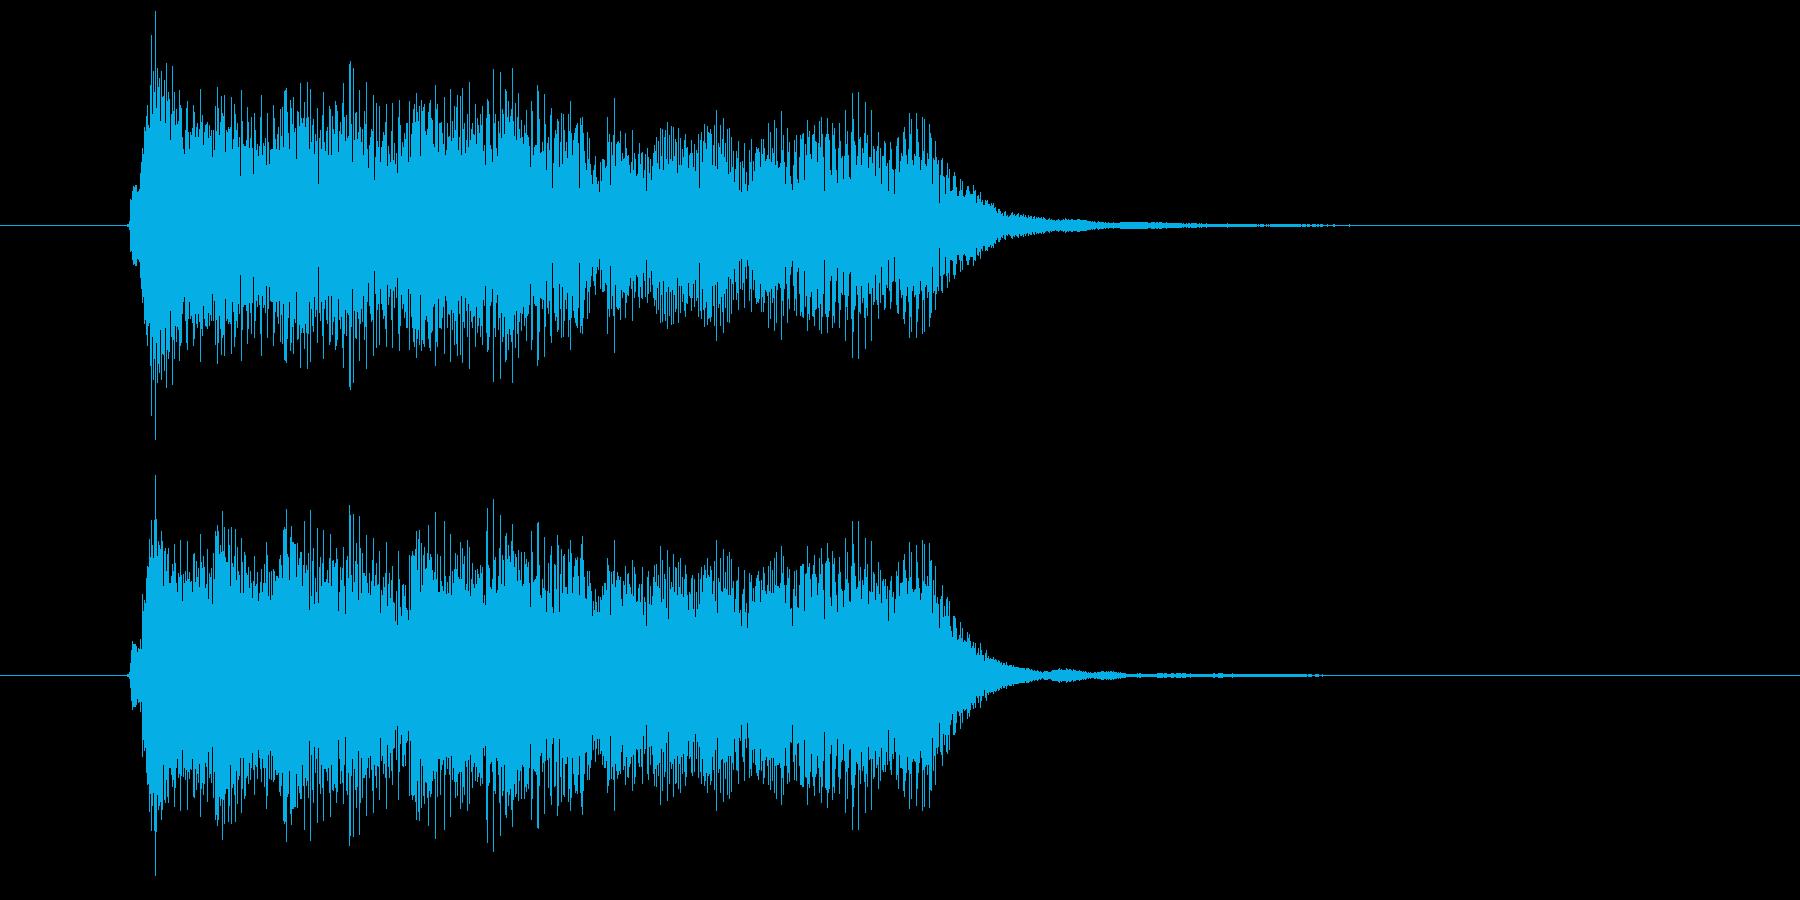 綺麗なフルートが印象的なBGMの再生済みの波形